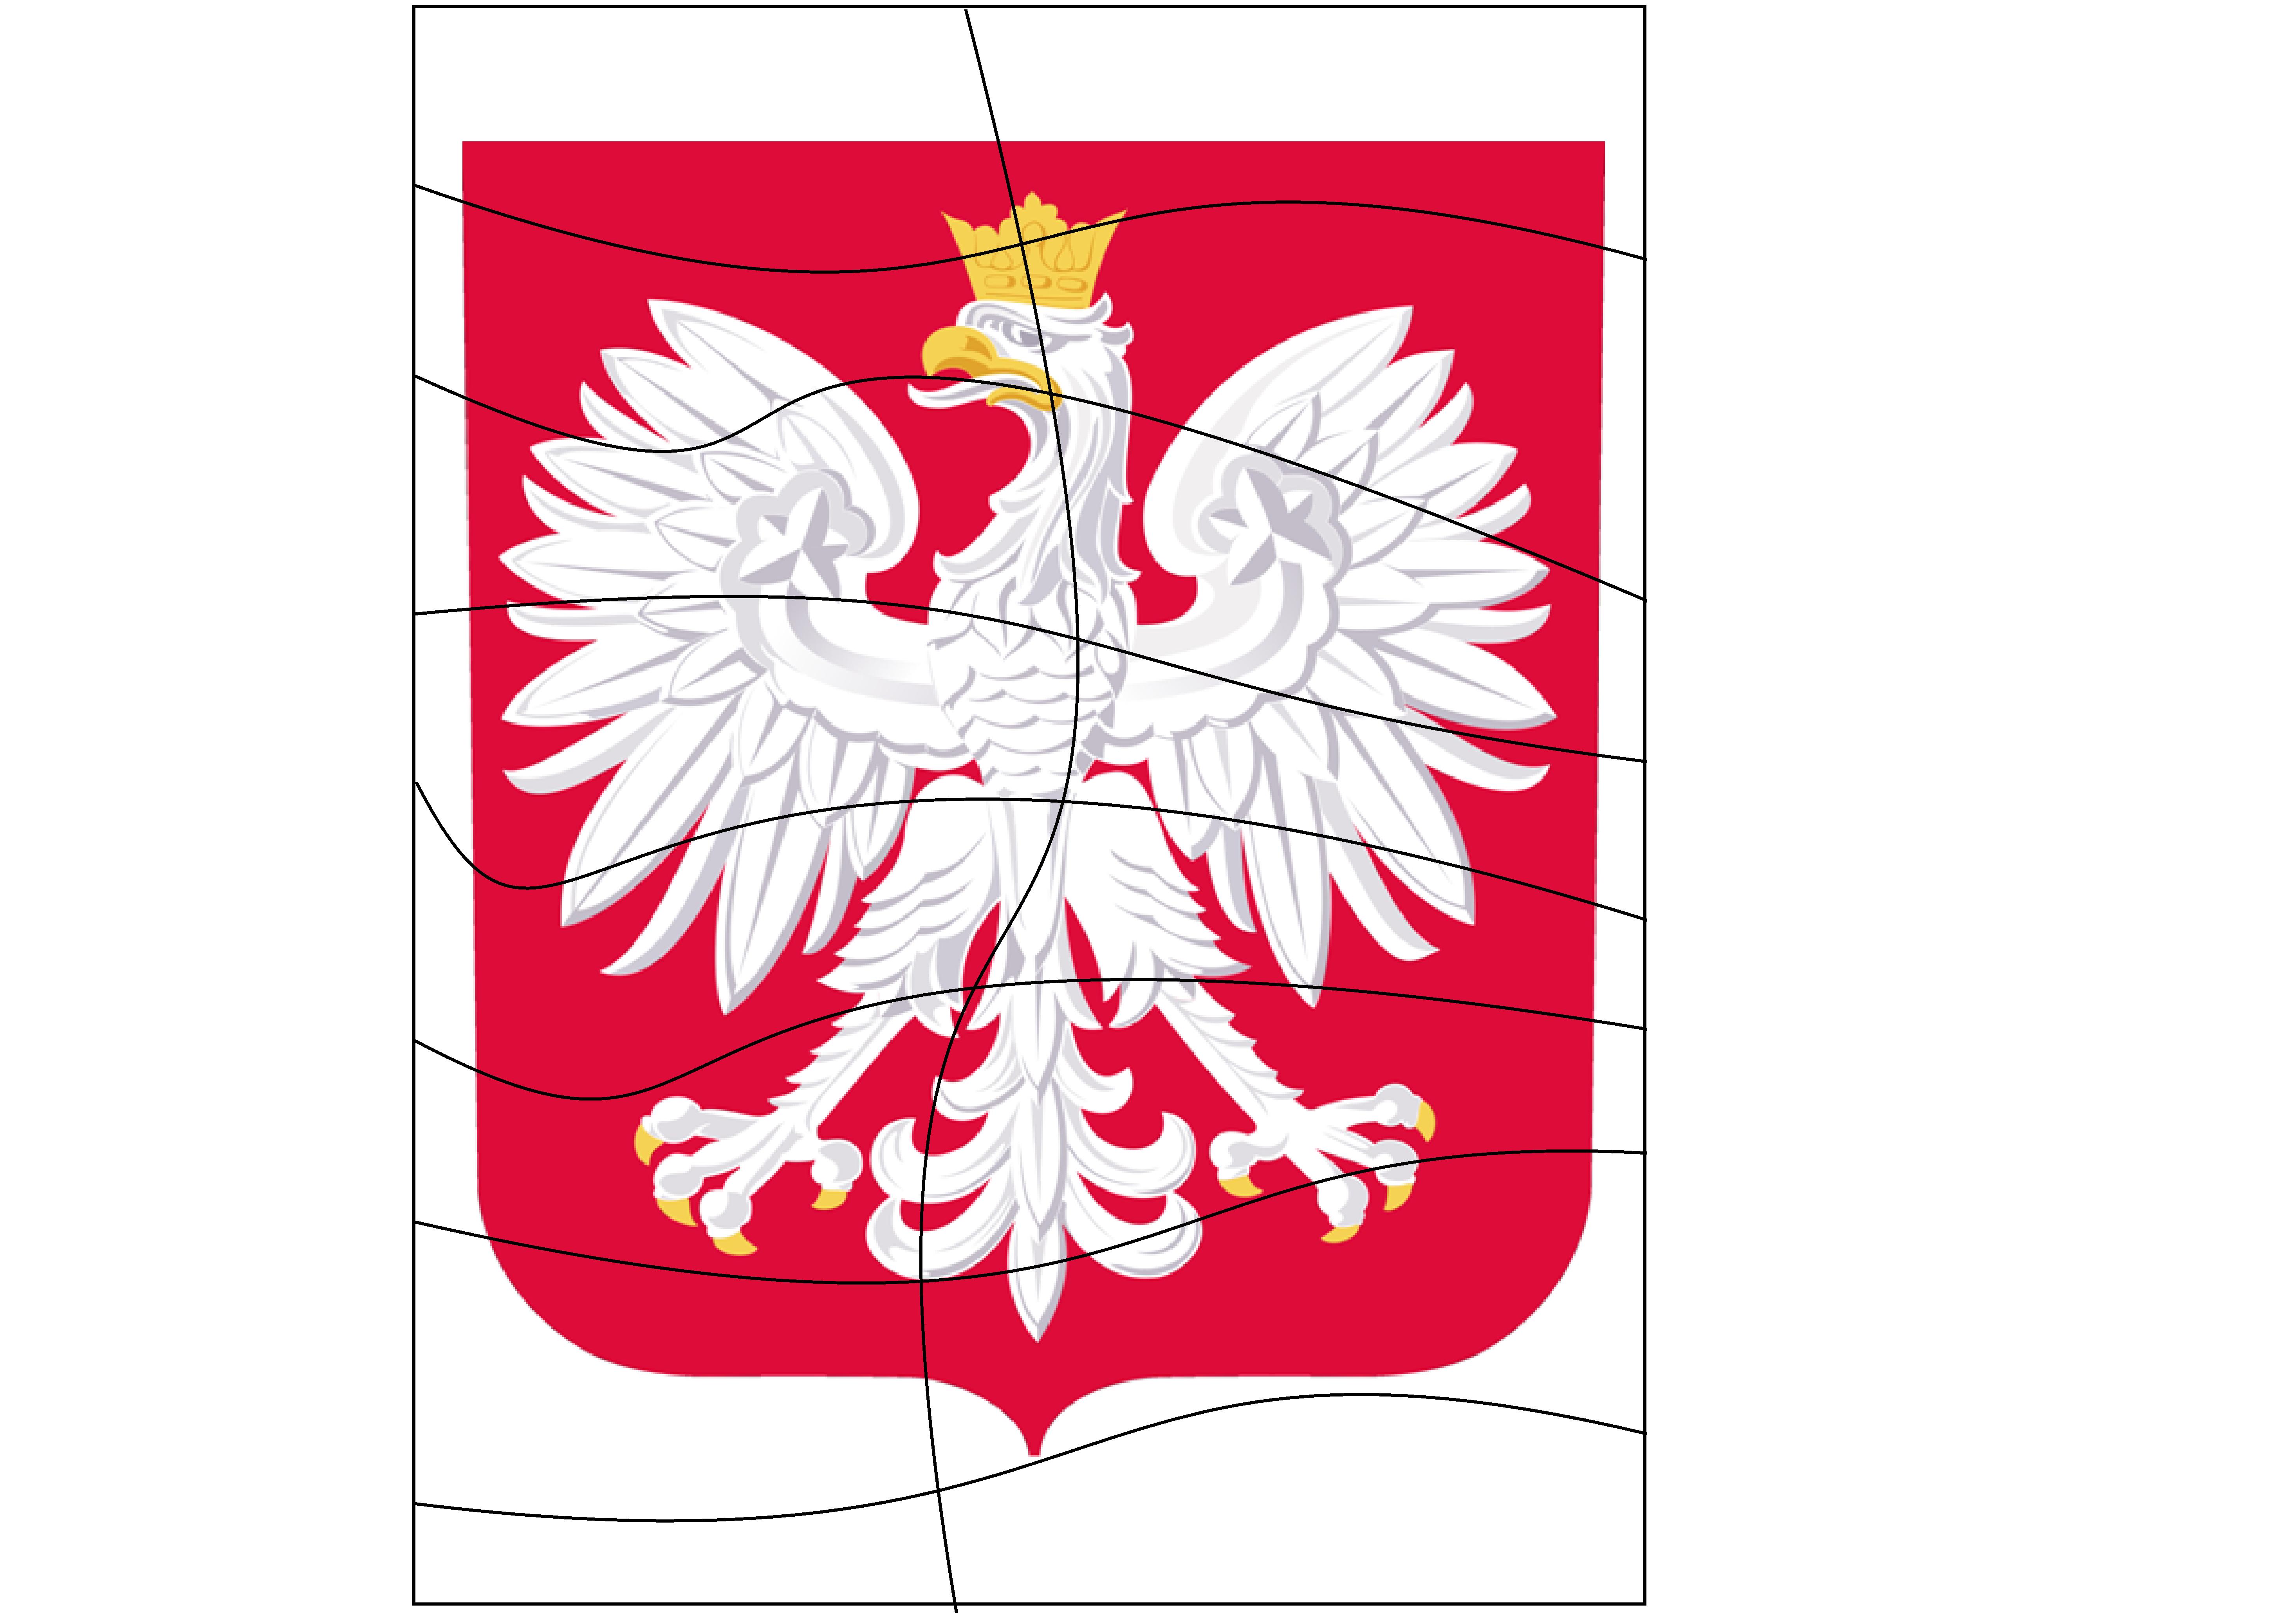 karty pracy 3 maja, symbole narodowe do druku, godło polski układanka, puzzle